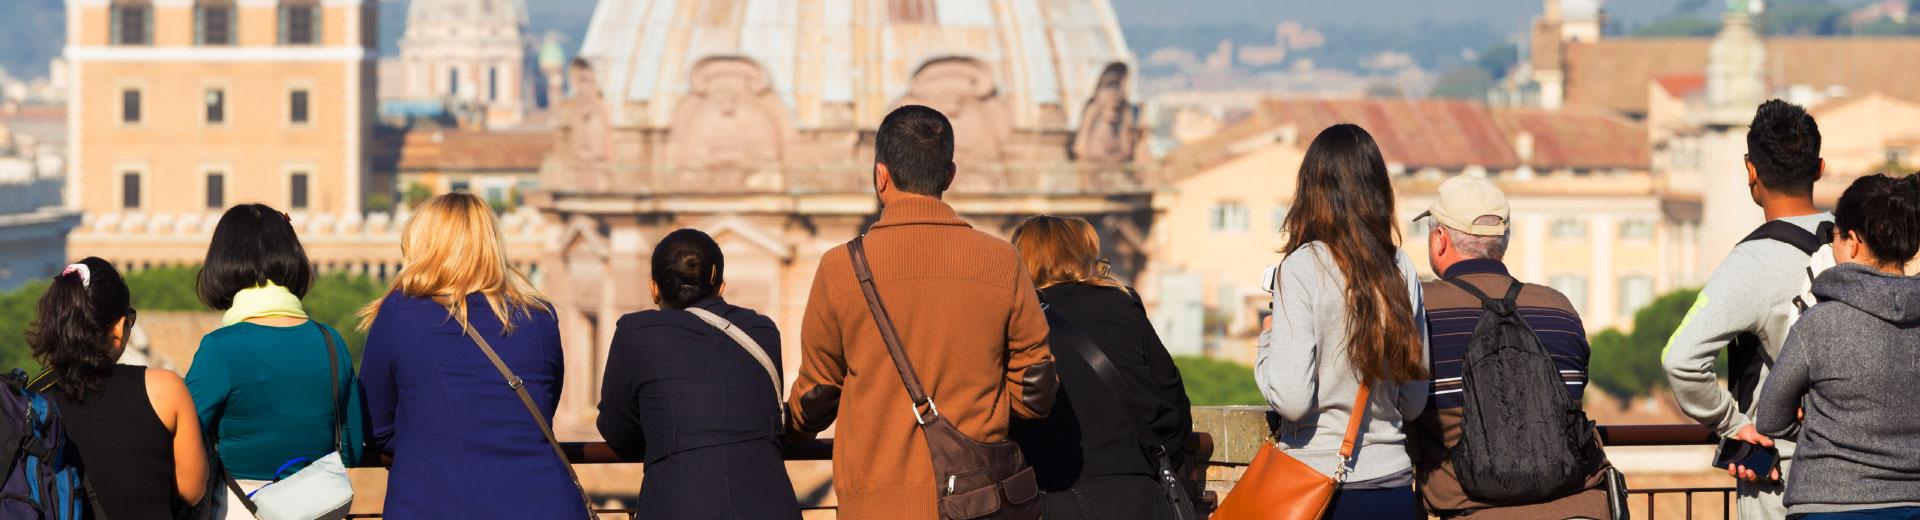 Gruppenreisen nach Mass